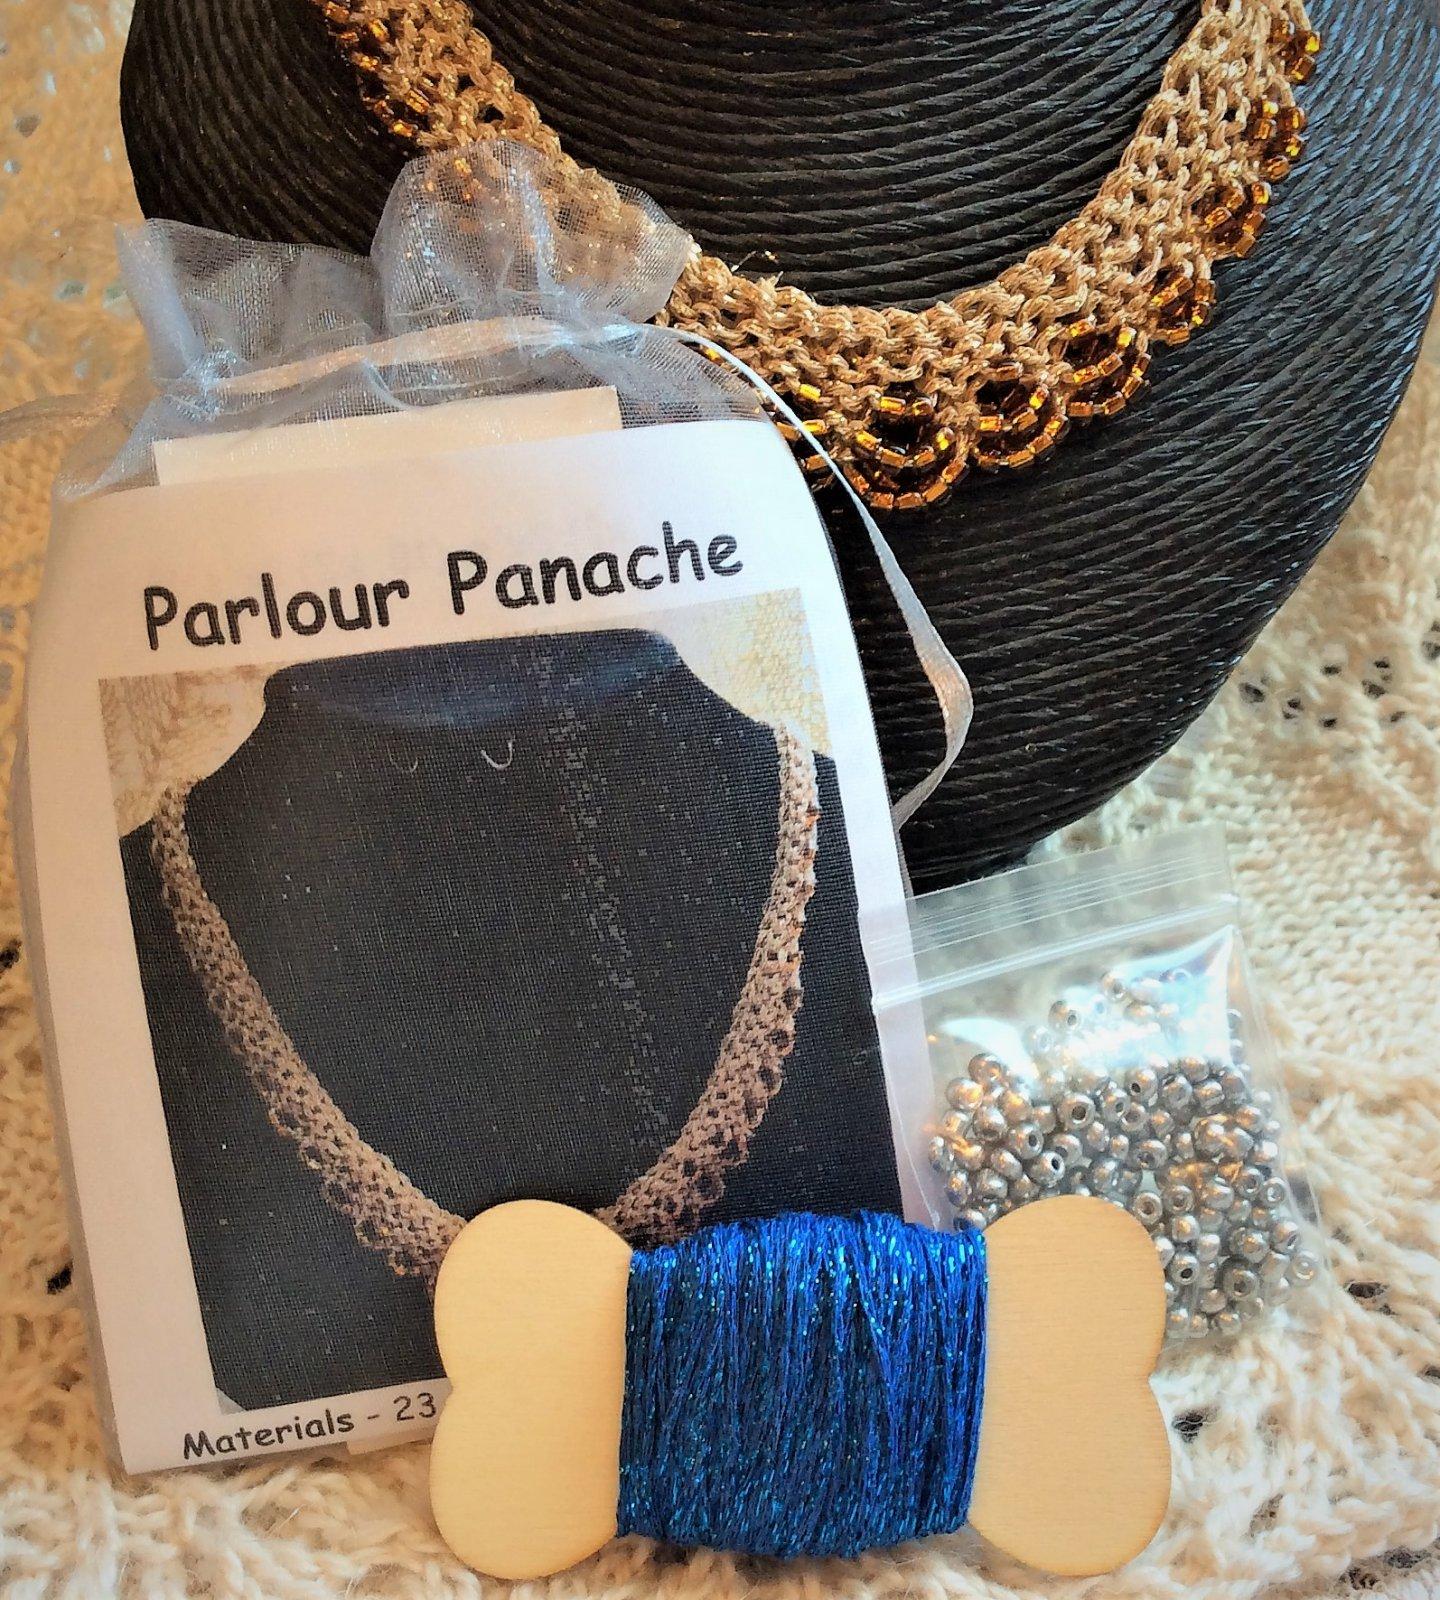 Parlour Panache Necklace